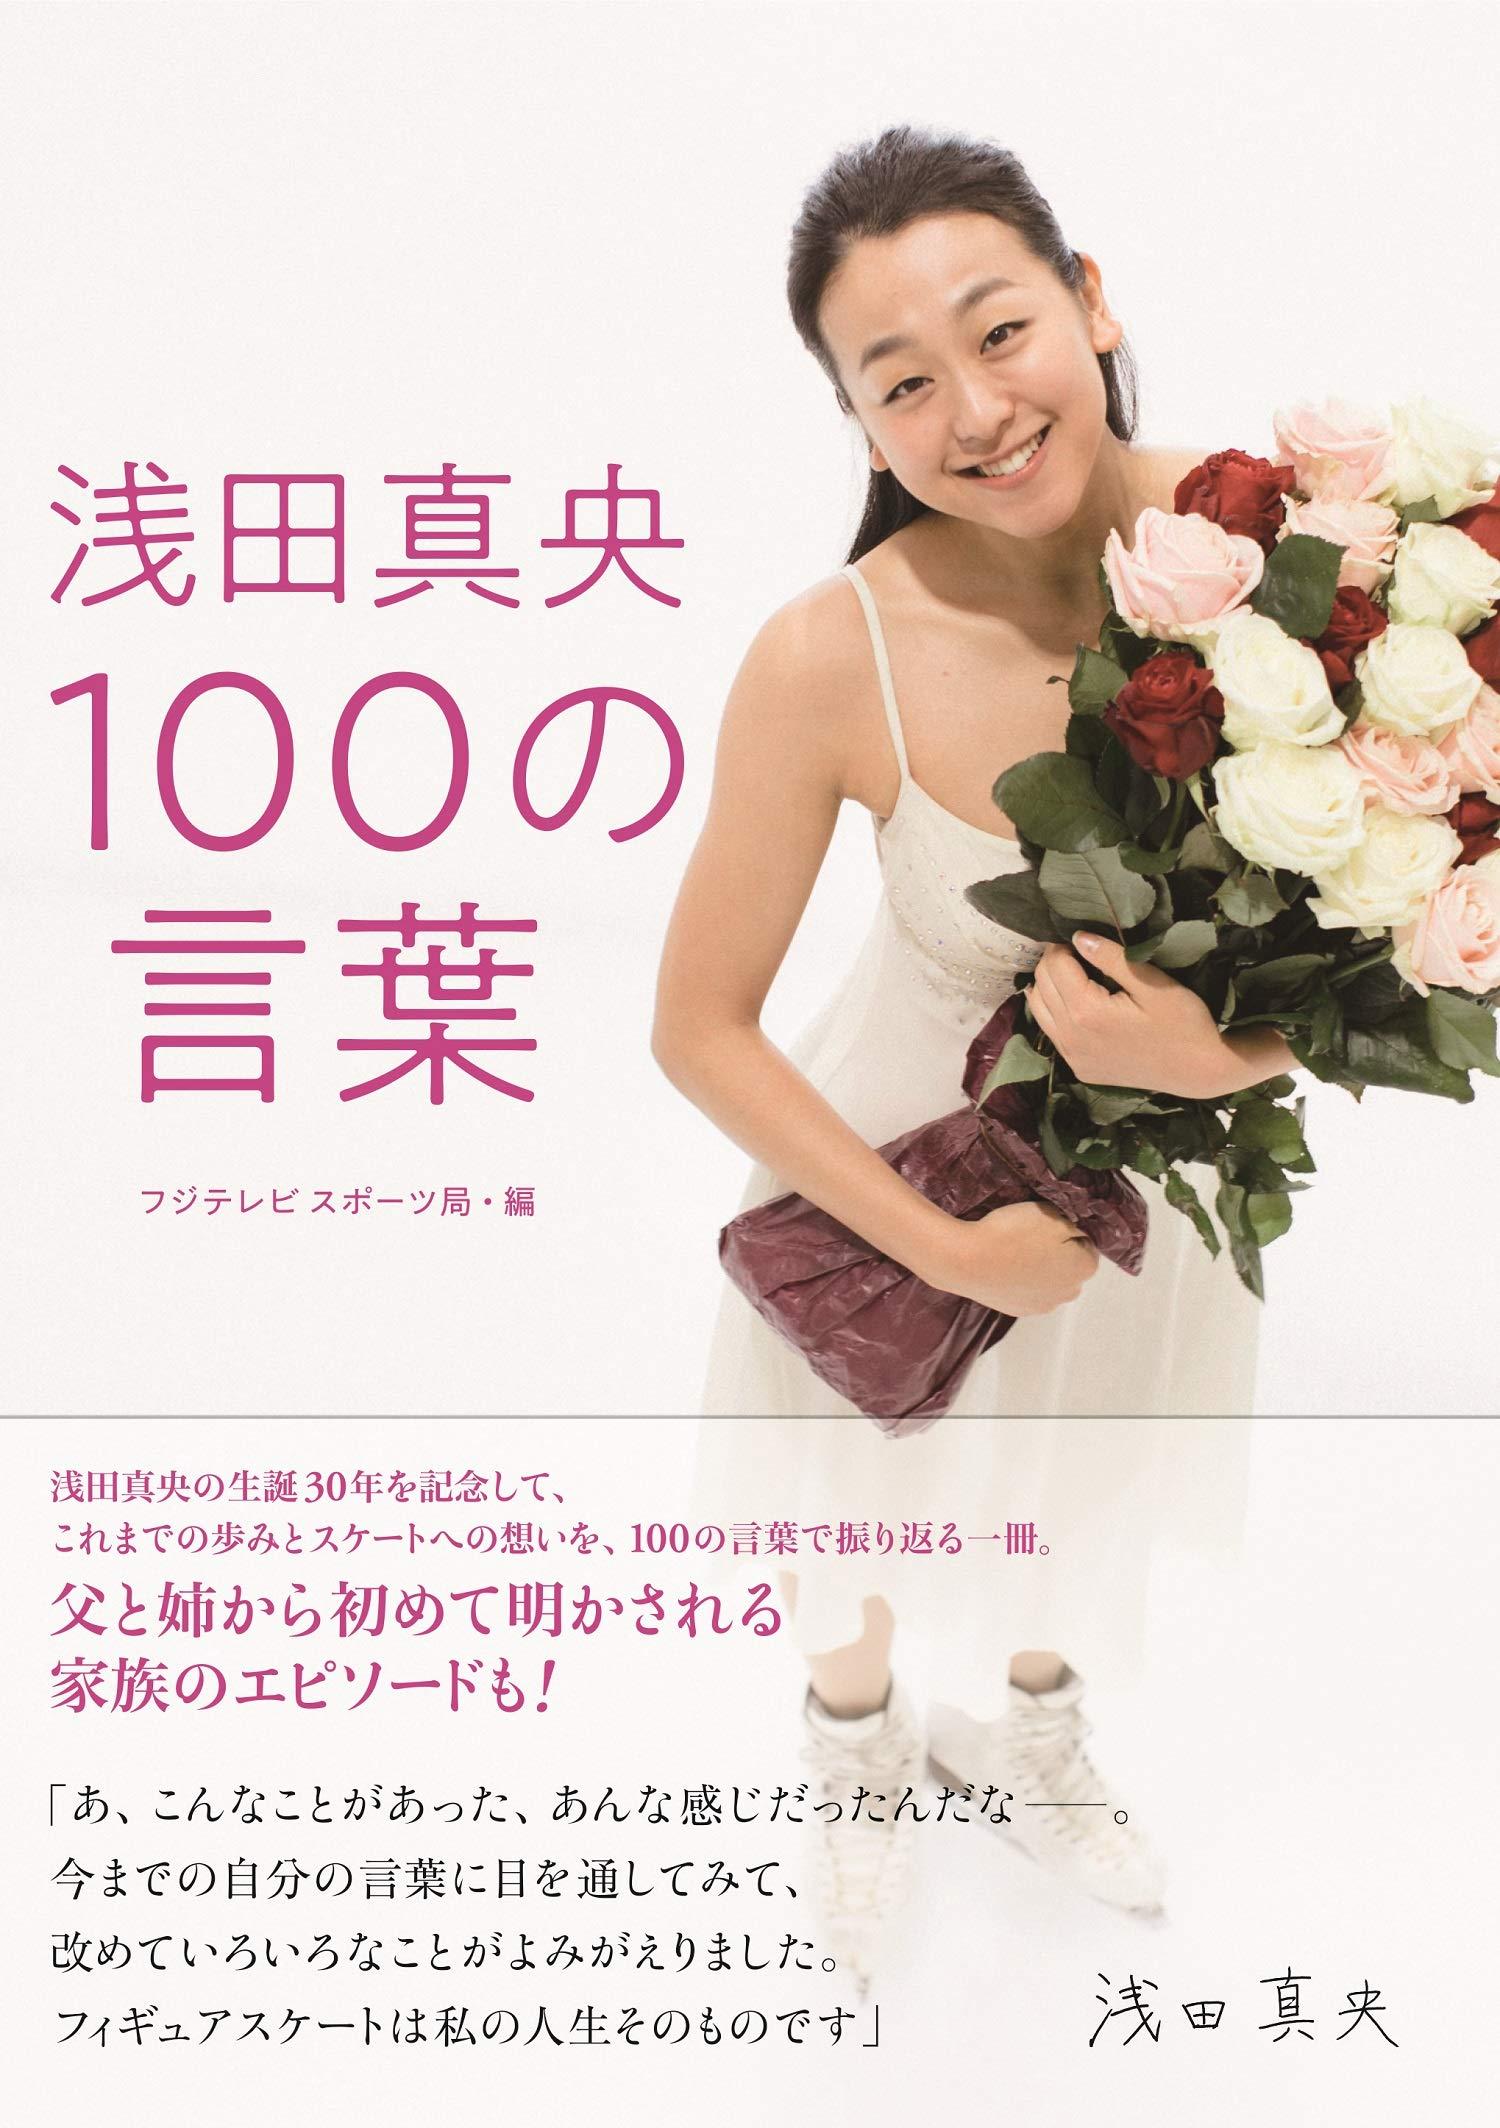 浅田真央 100の言葉』 | フジテレビスポーツ局 |本 | 通販 | Amazon